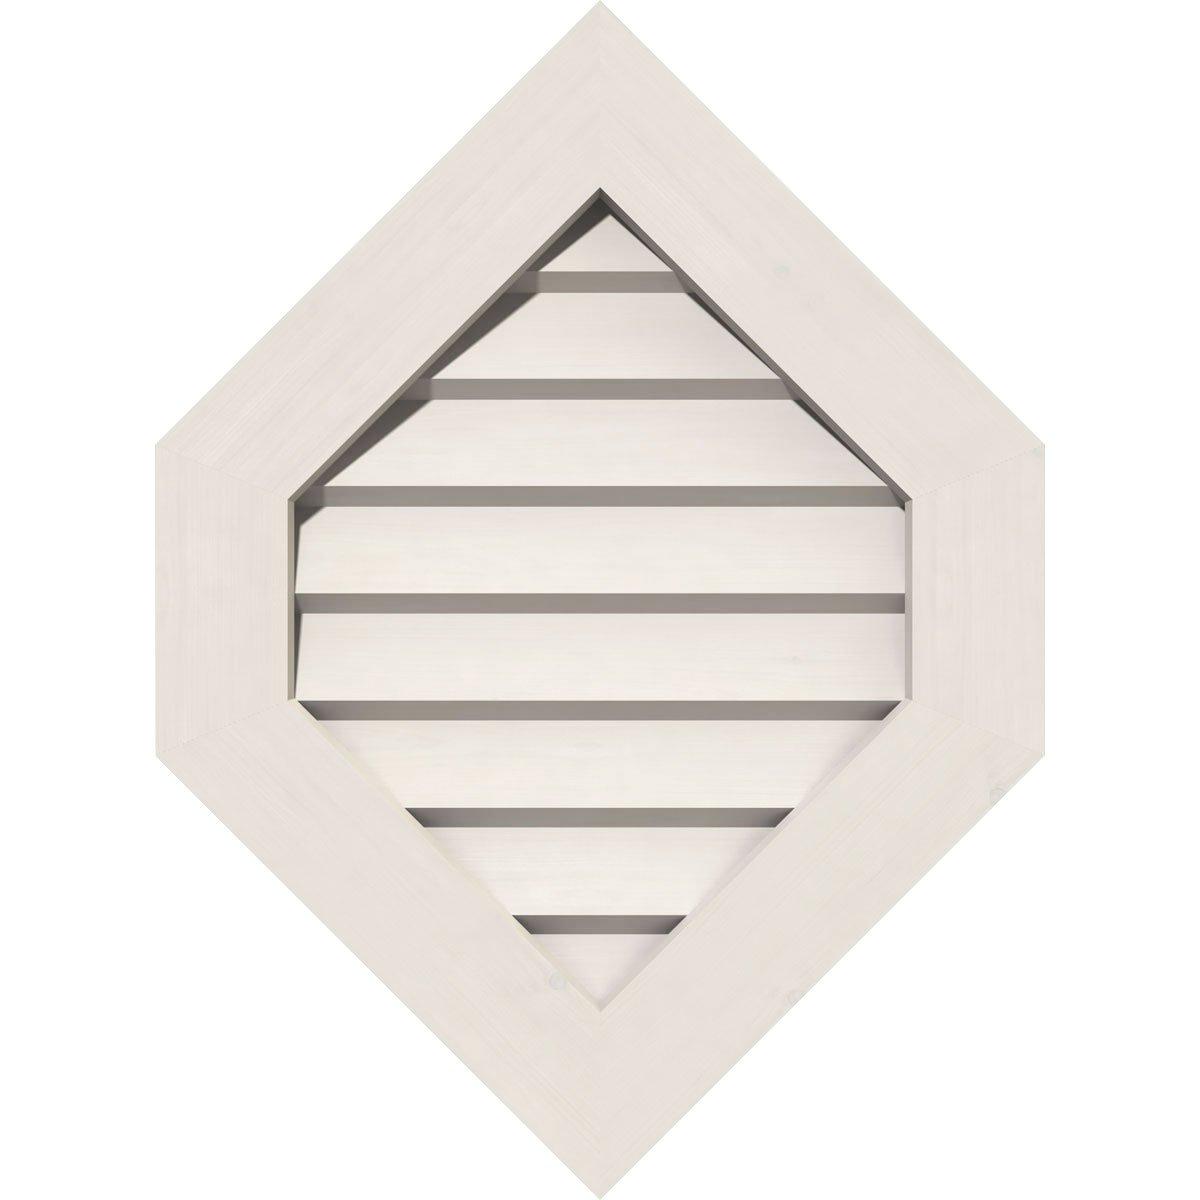 Ekena Millwork GVPVP12X2801DUN-07 Pac Gable Vent, 12'' W X 28'' H (17'' W X 33'' H Frame Size) 7/12 Pitch, White